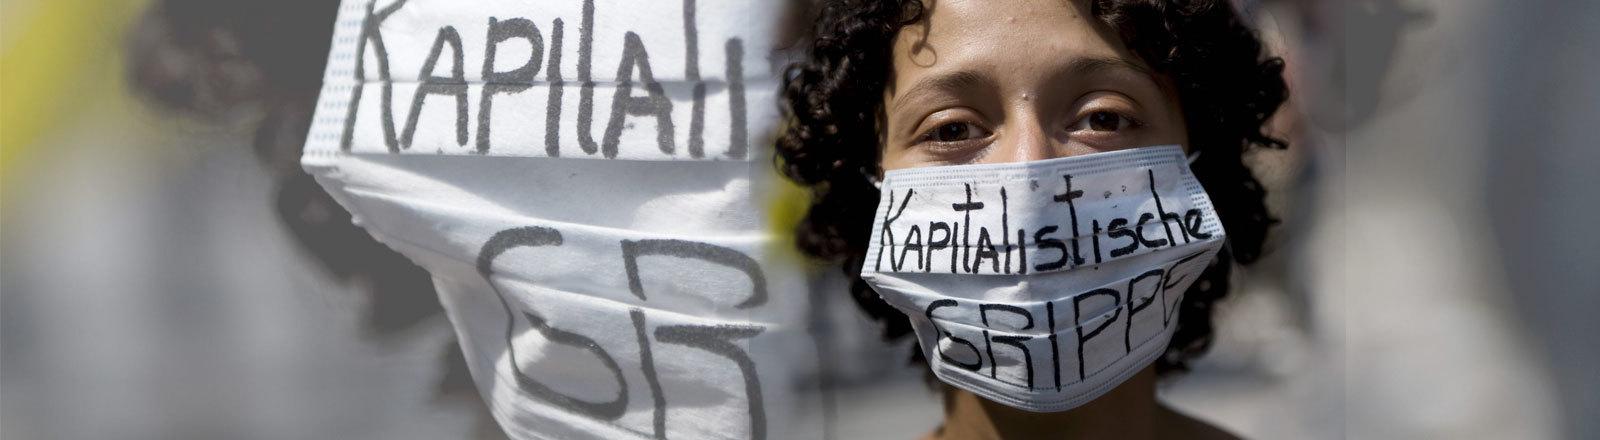 """Frau mit Mundschutz, auf dem steht """"Kapitalistische Grippe"""" 31.05.2009 in Berlin"""